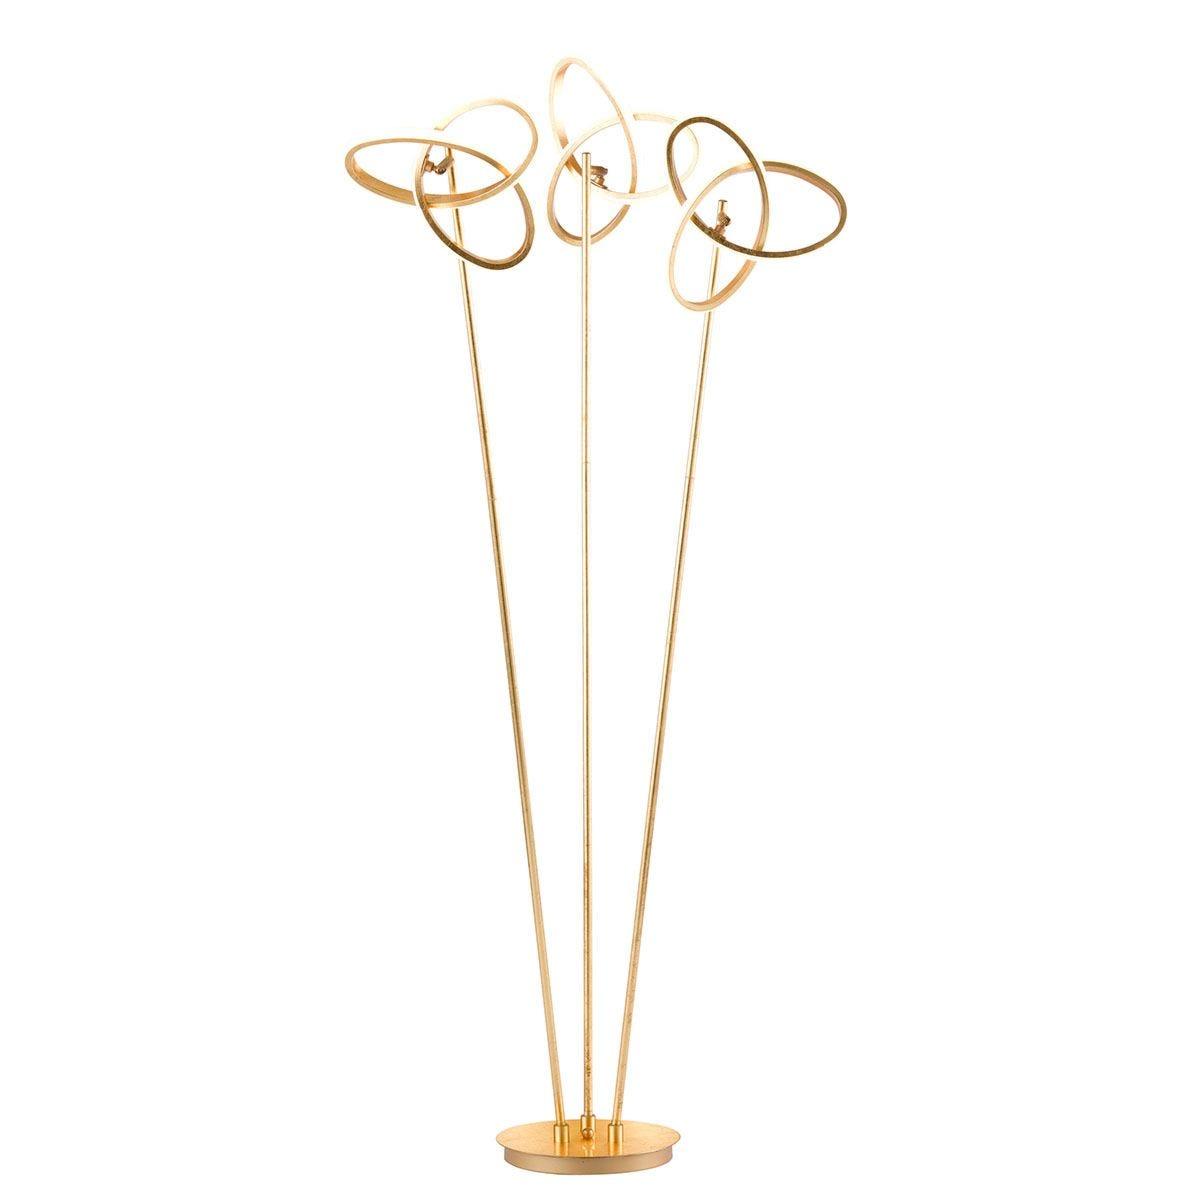 Wofi Eliot 3-LED Floor Lamp - Golden